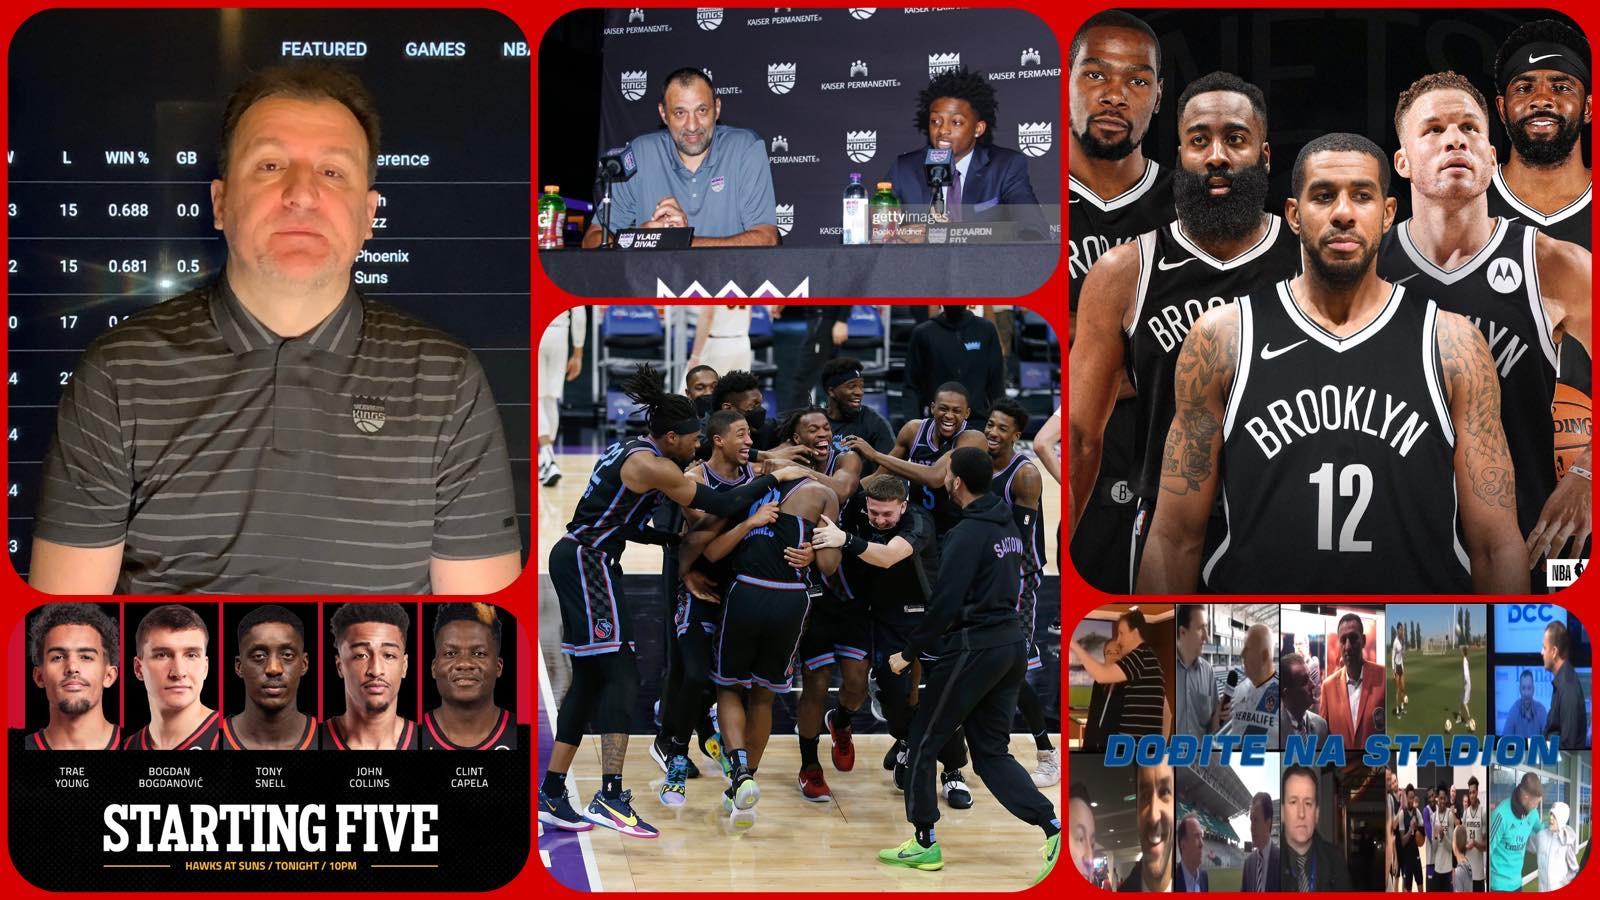 NBA Specijal: Rapsodija Sakramenta, povratak Bogdana i nova era NBA super timova